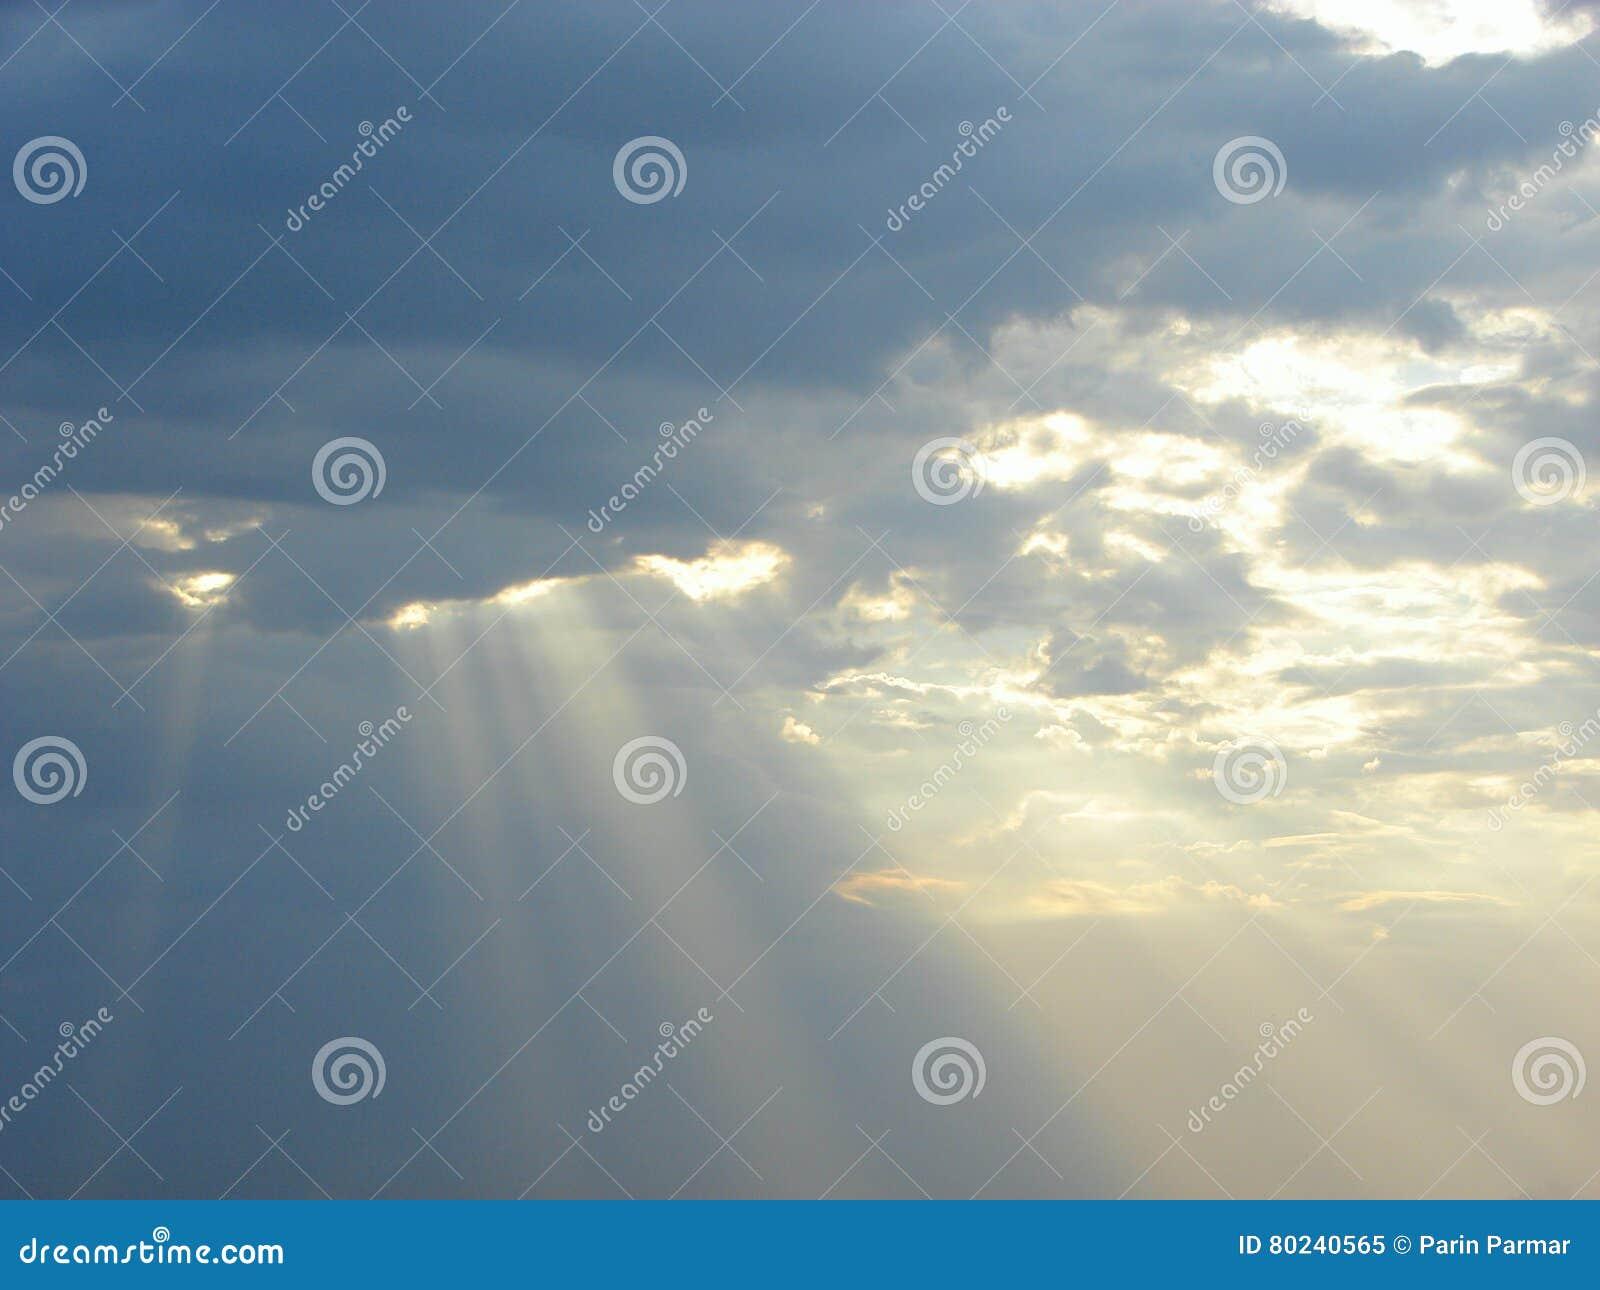 神的祝福-太阳光芒下降从天空的通过云彩